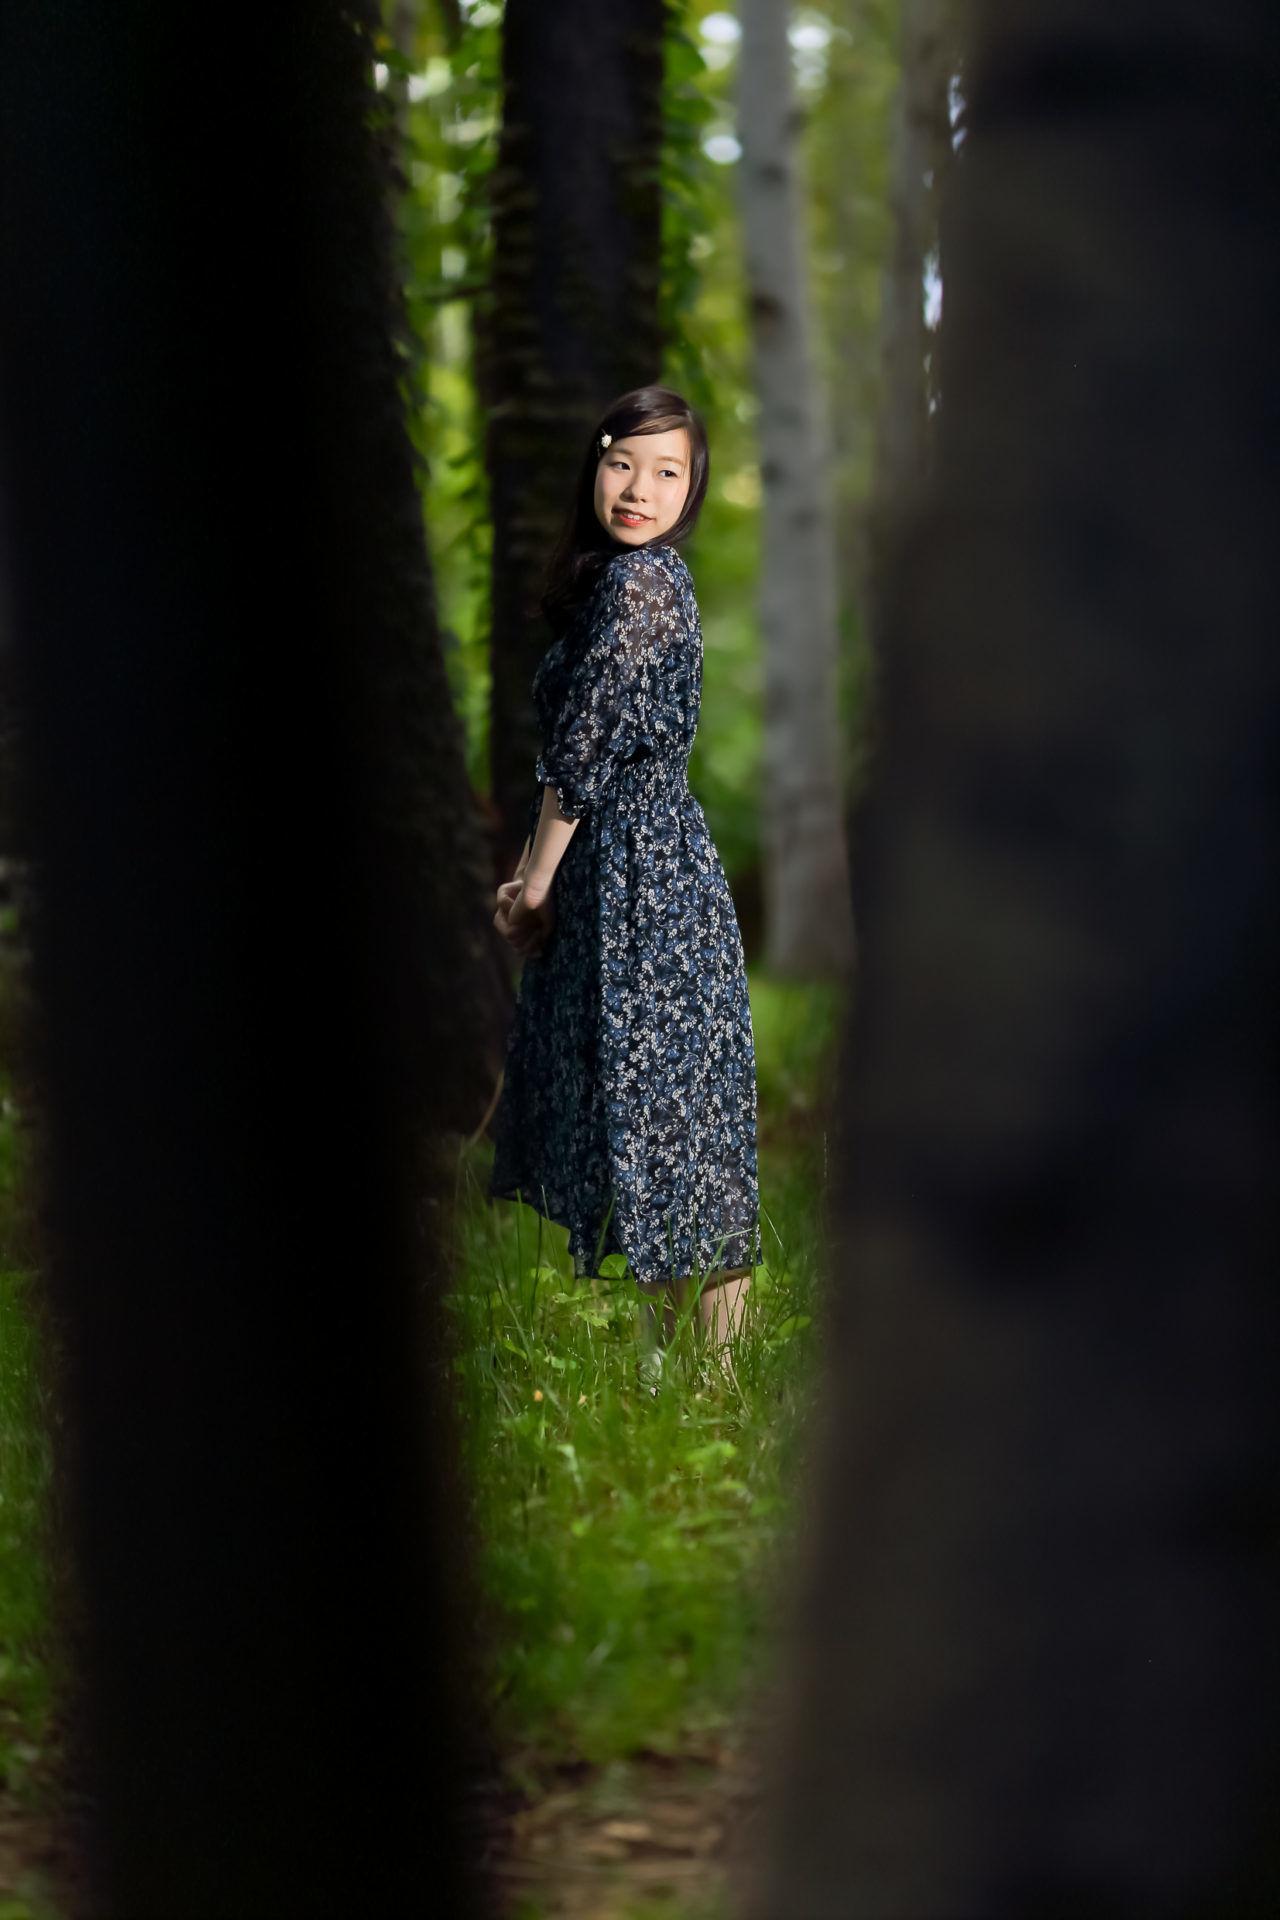 2代目HAPPY少女♪ やよたん ( 鈴木やよい )   モデルプロ豊平公園撮影会